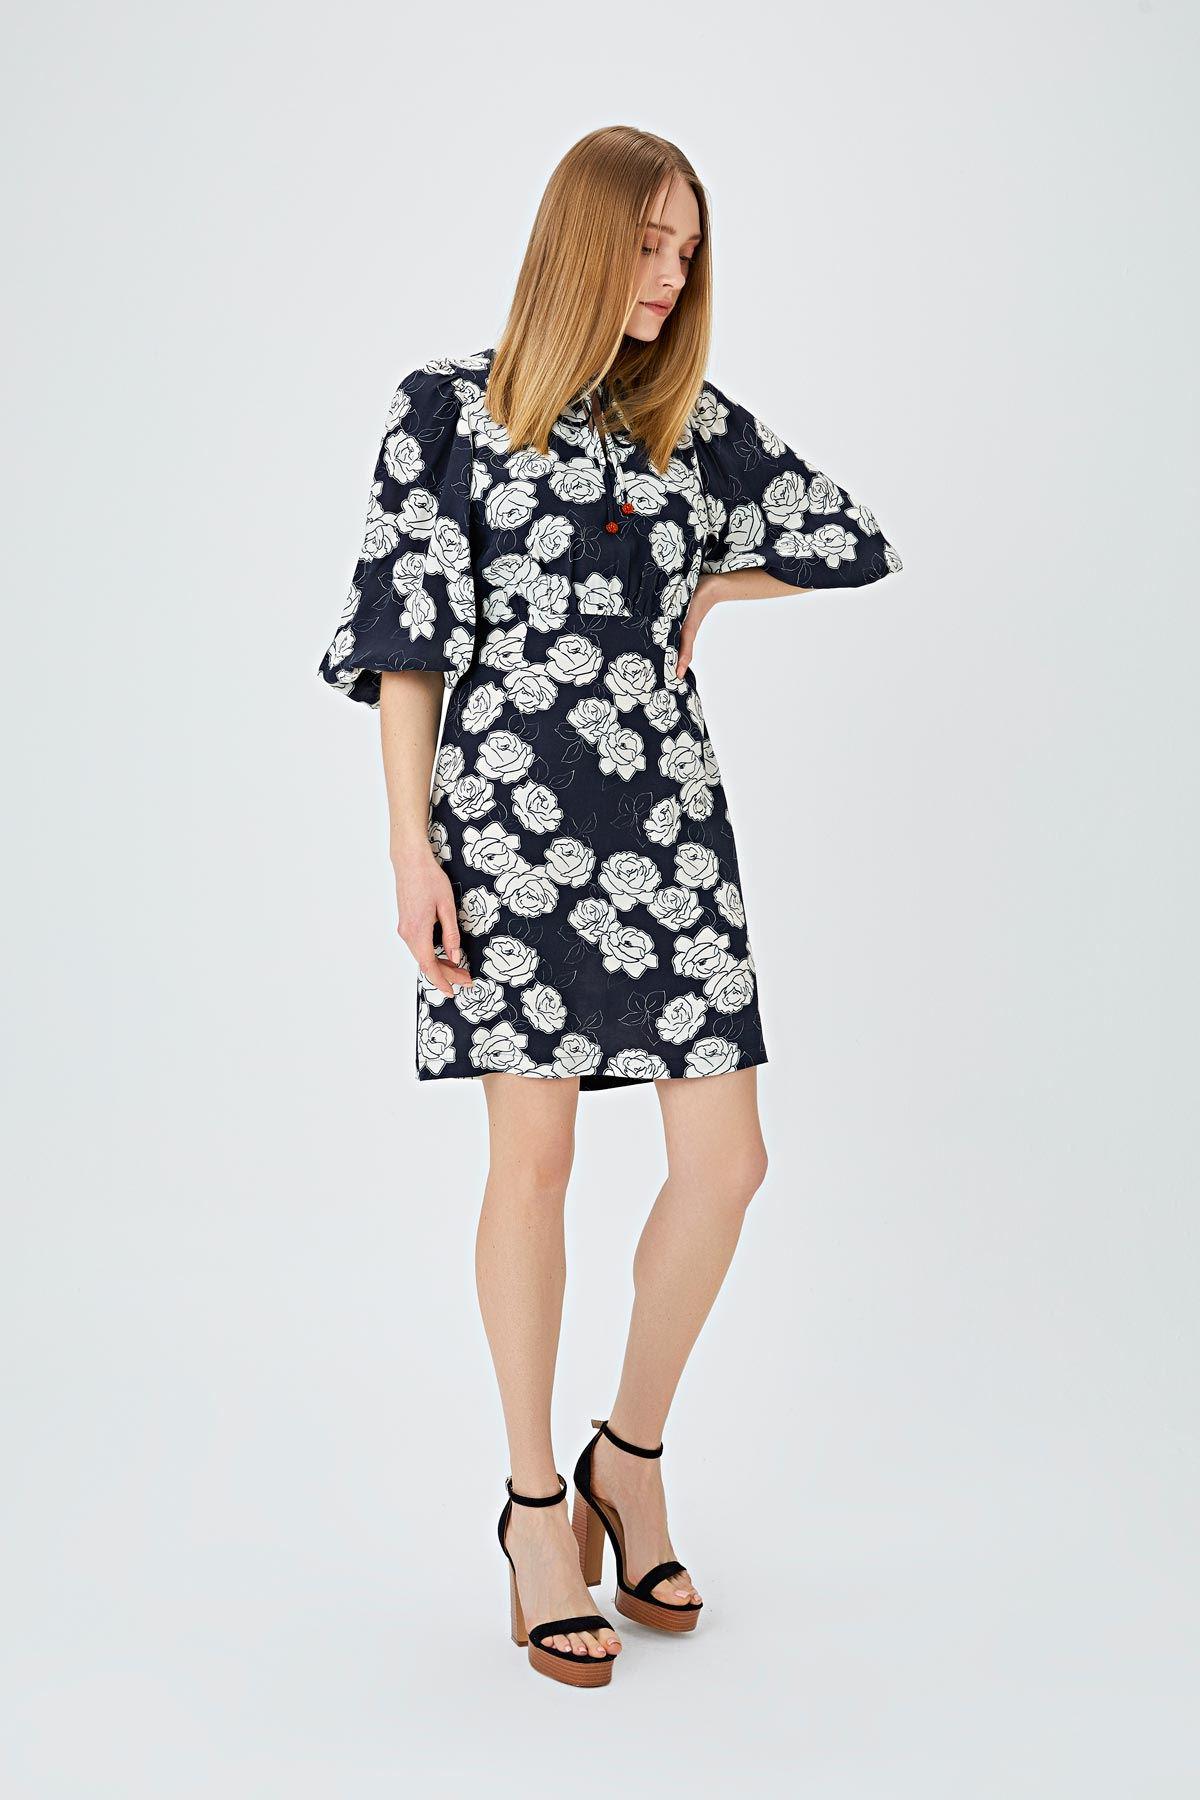 Balon kol çiçek desenli elbise Siyah